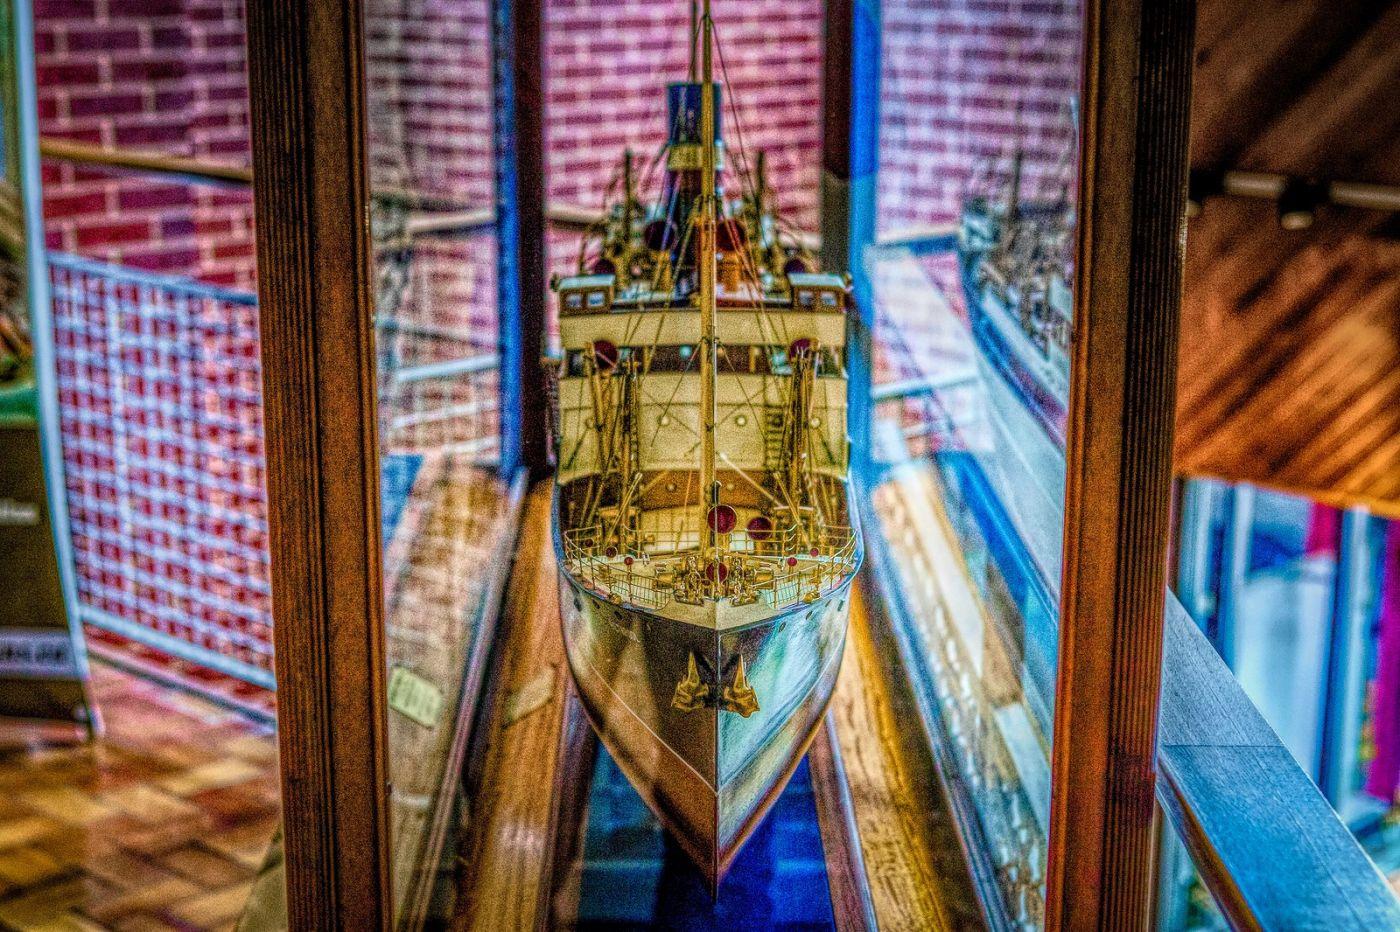 加拿大Halifax大西洋海事博物馆,展品丰富_图1-4